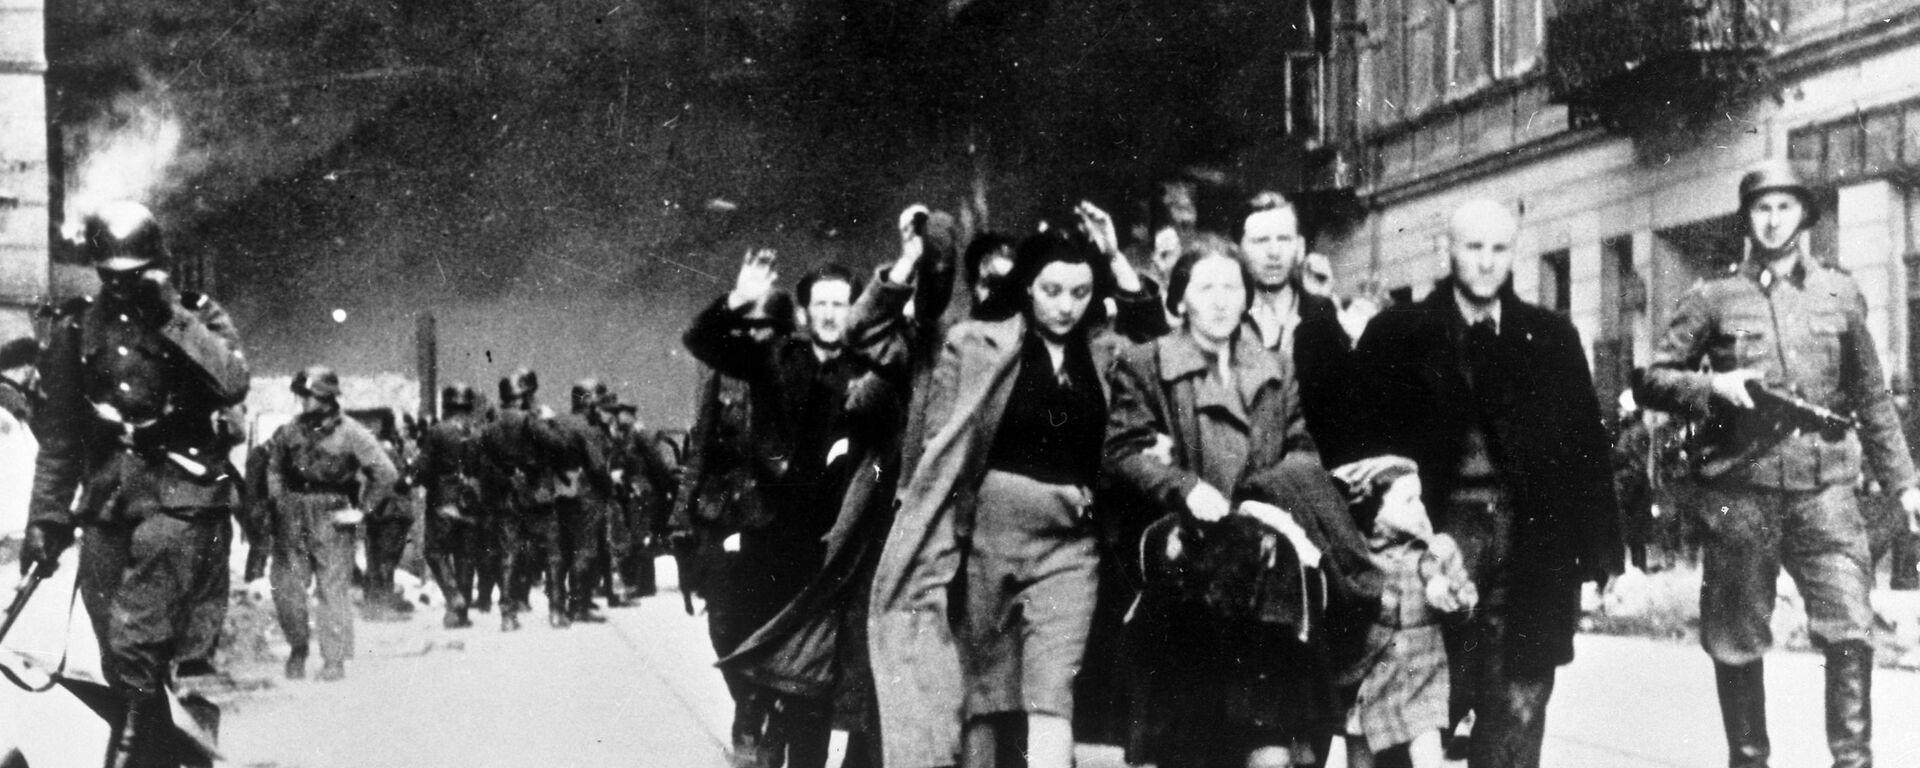 Żydzi eskortowani w drodze do obozu śmierci w Treblince,1942 - Sputnik Polska, 1920, 09.02.2021